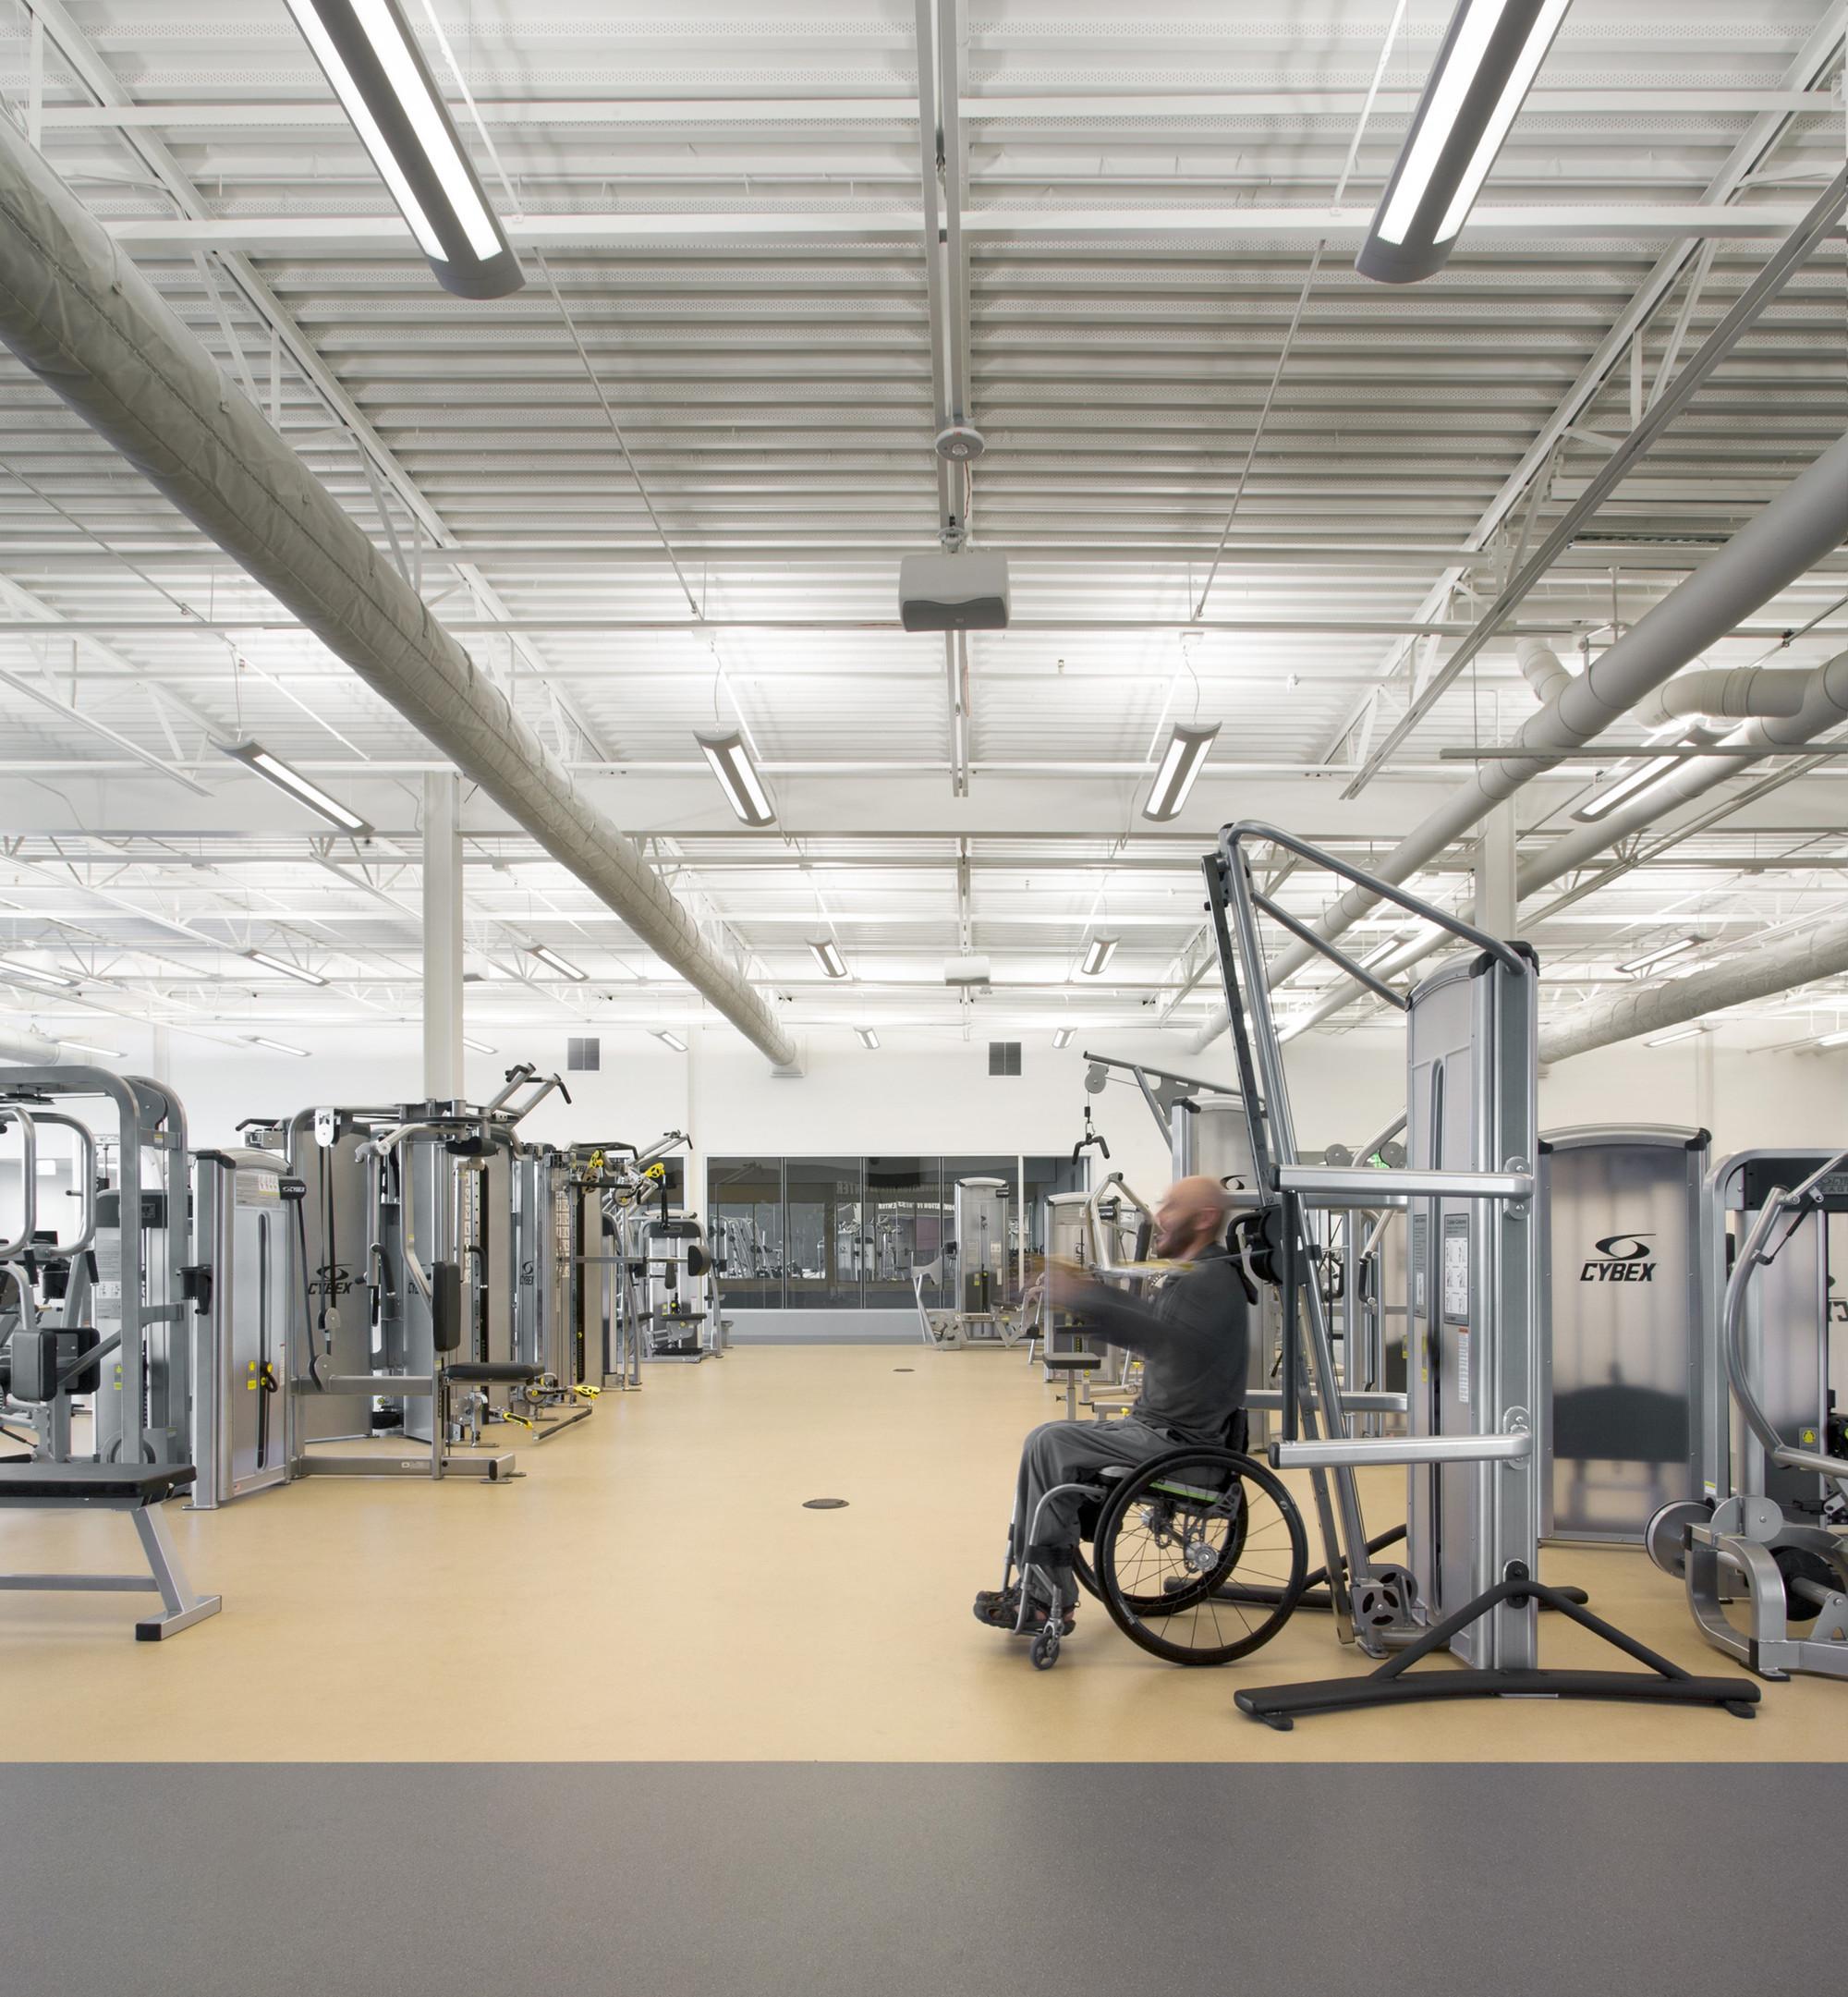 Дизайн спортивного комплекса: тренажёрный зал